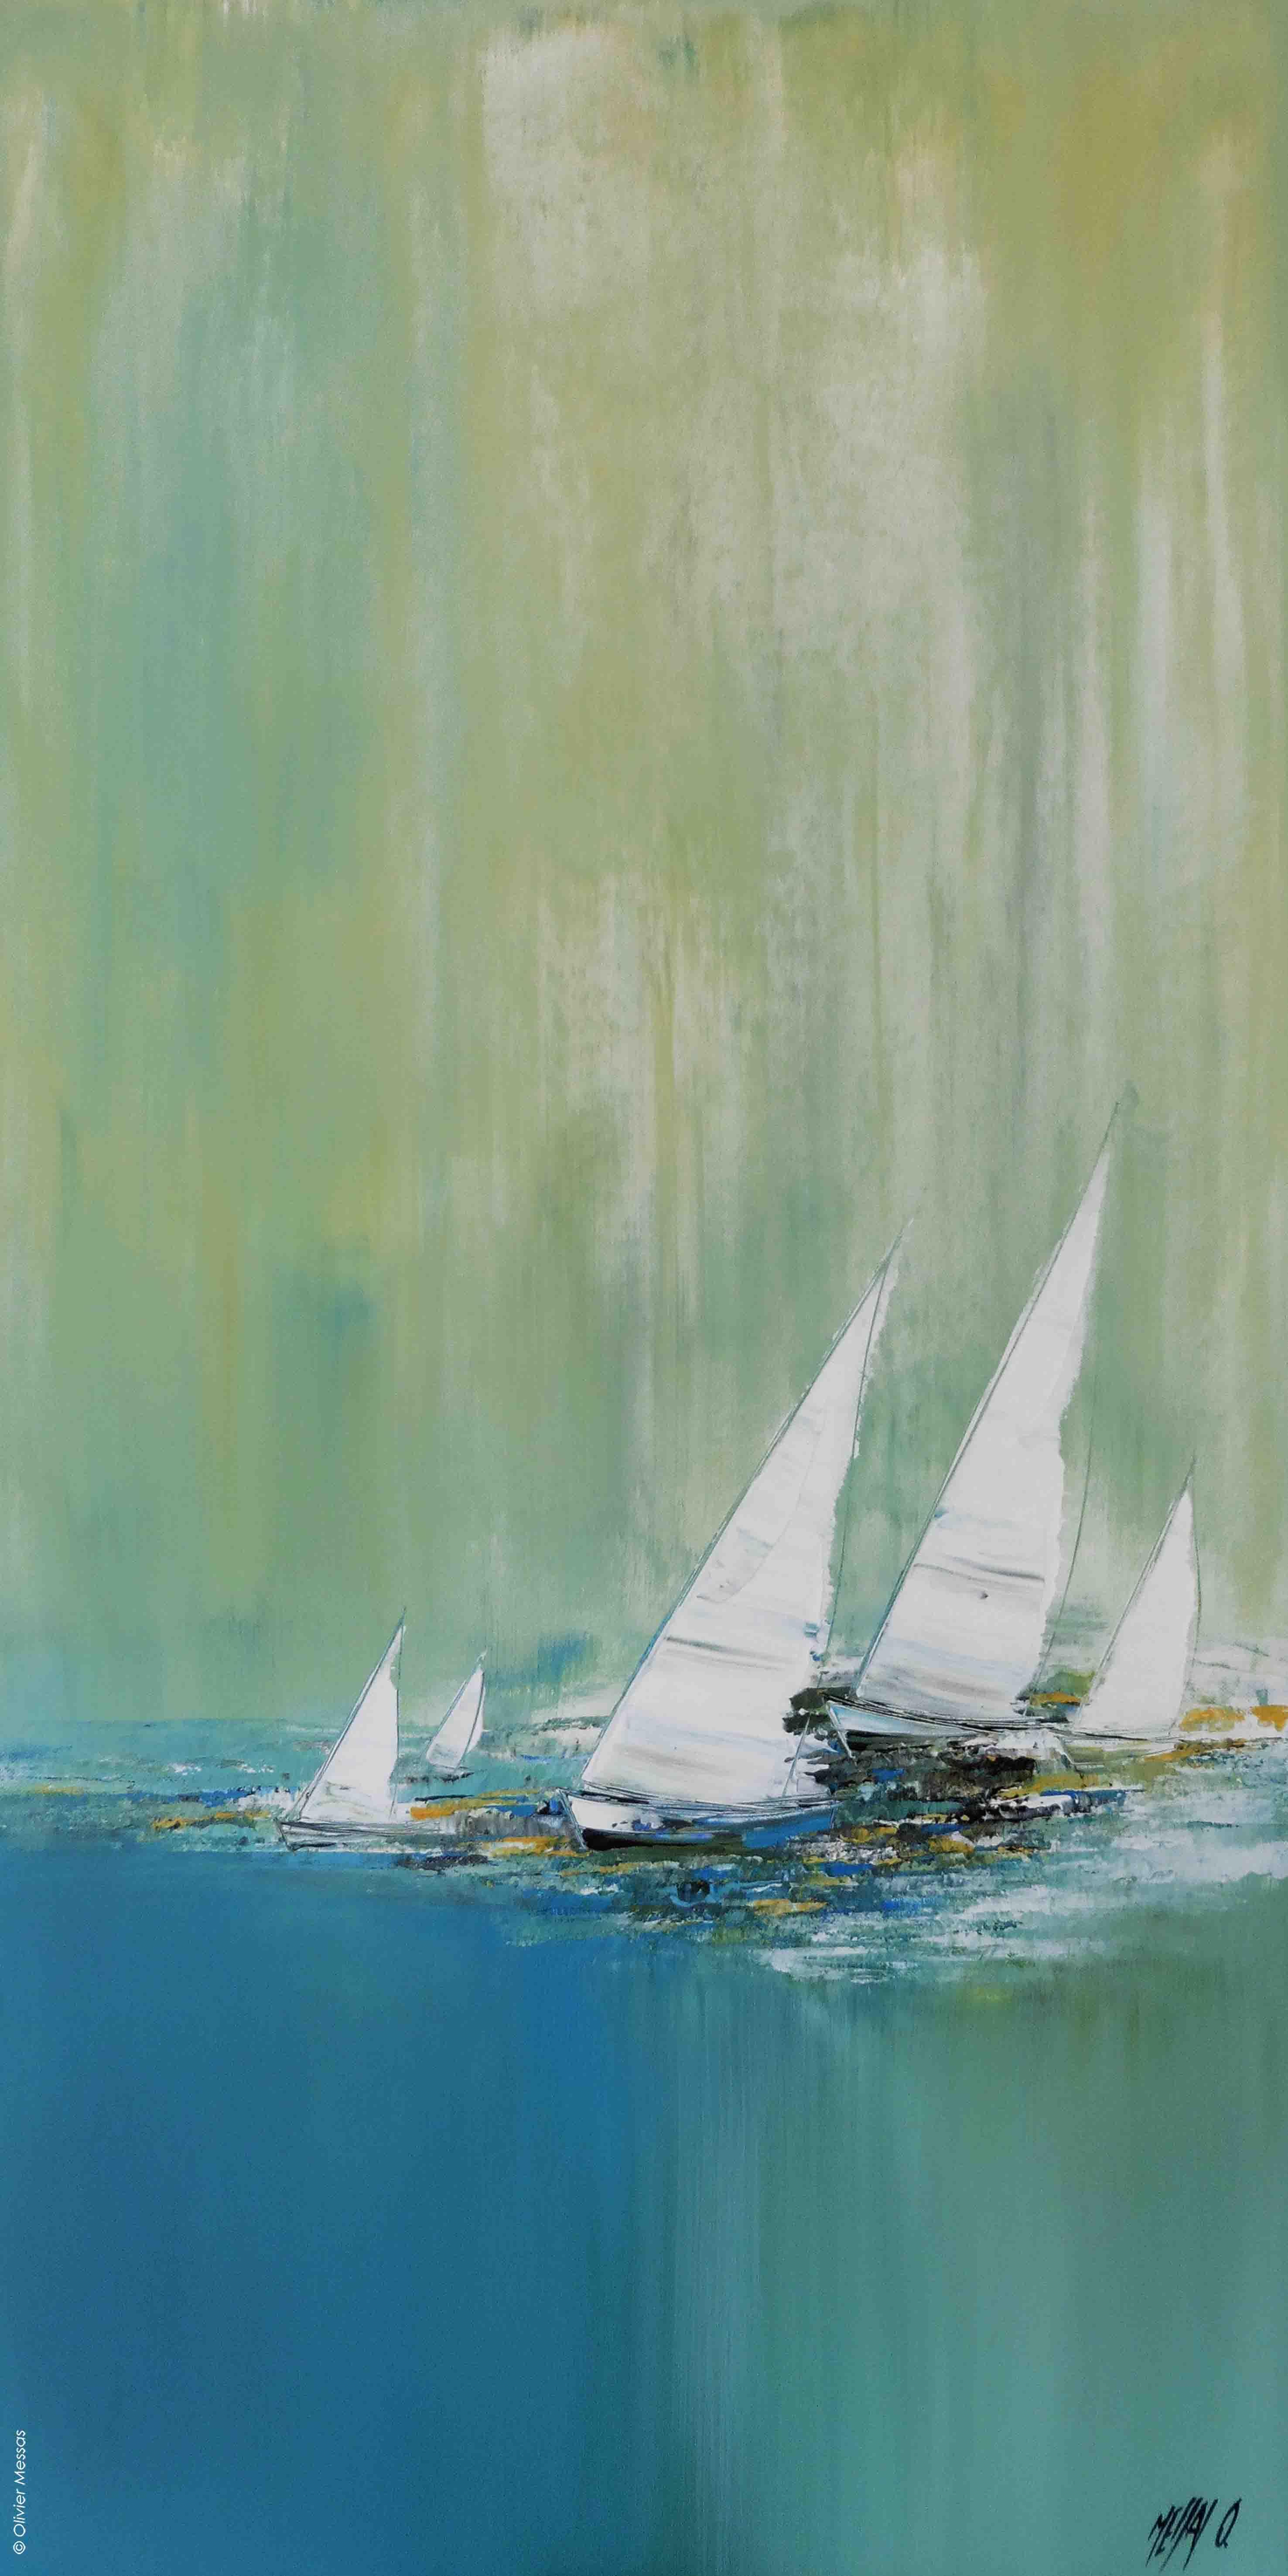 Voyage en voilier..., 100 x 50cm